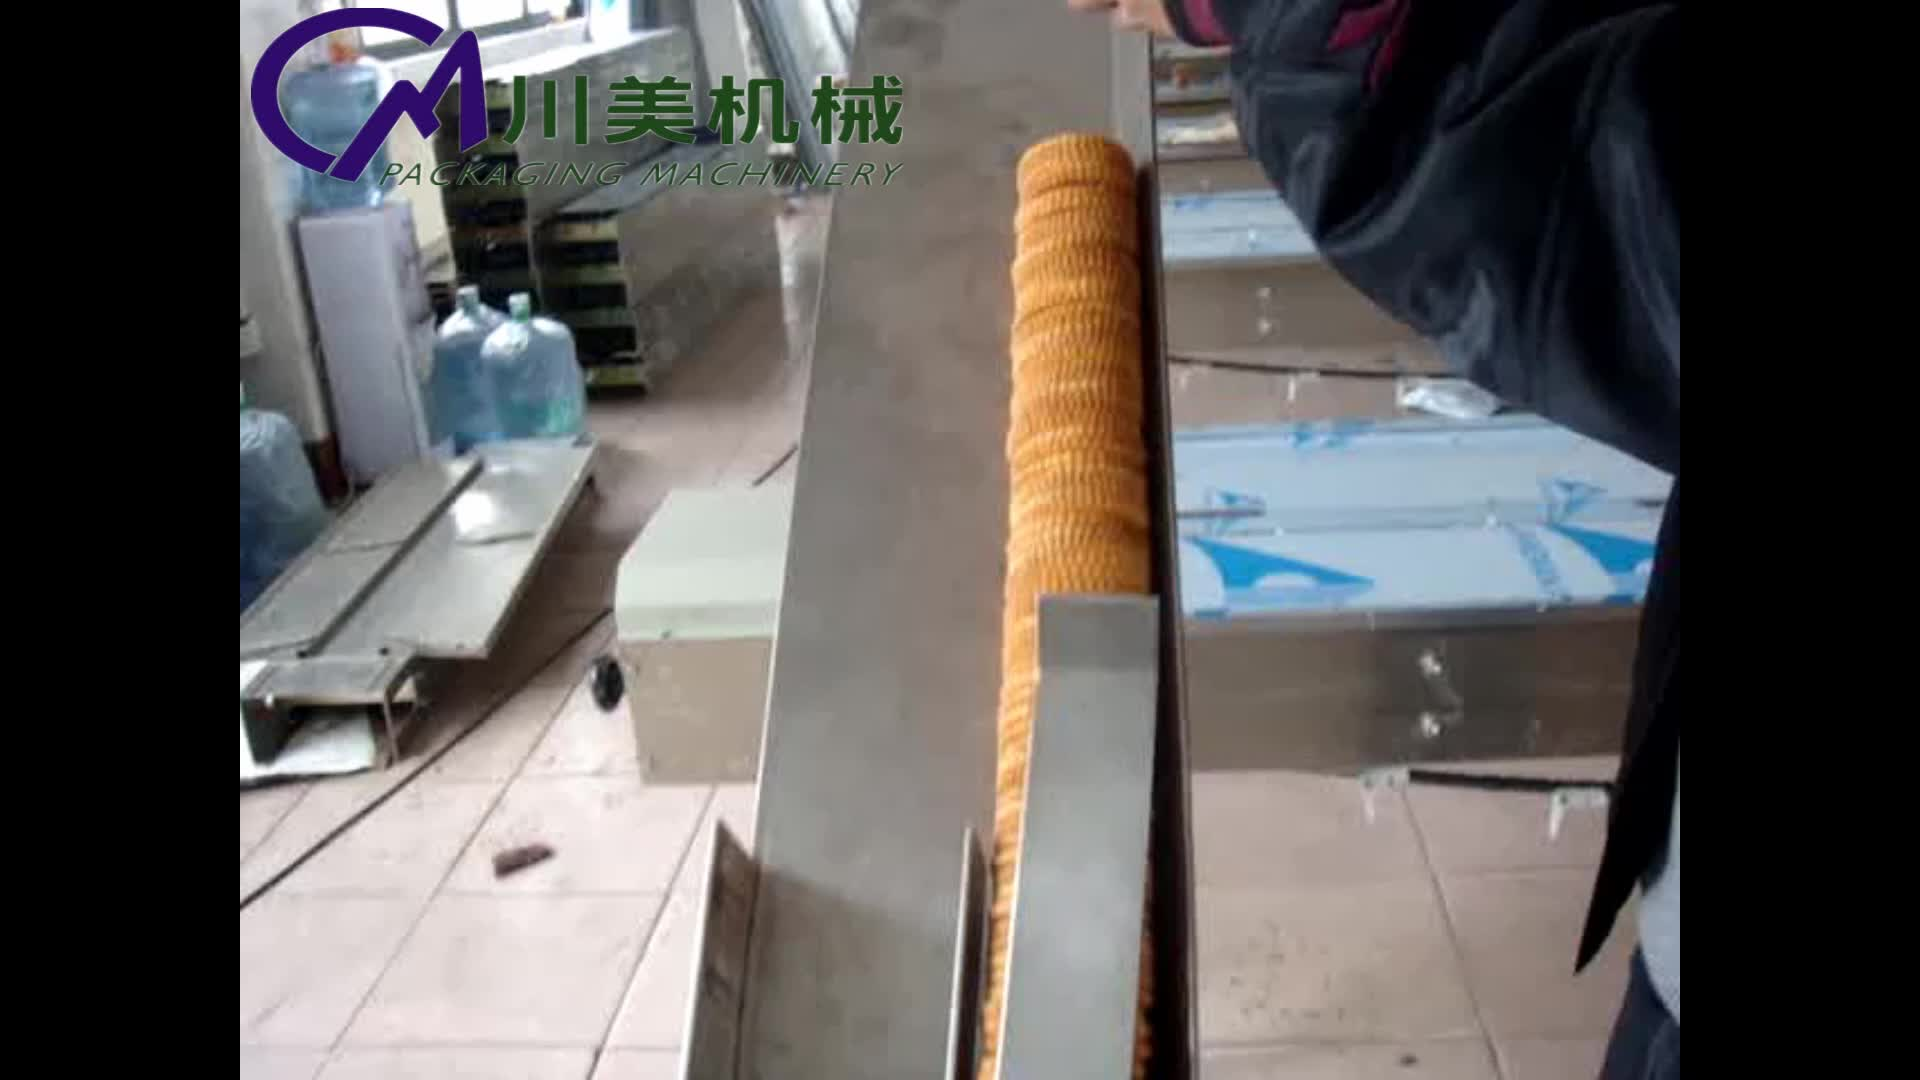 Poşet çerezler bisküvi kraker üç tarafı yastık paketleme makinesi ucuz fiyat